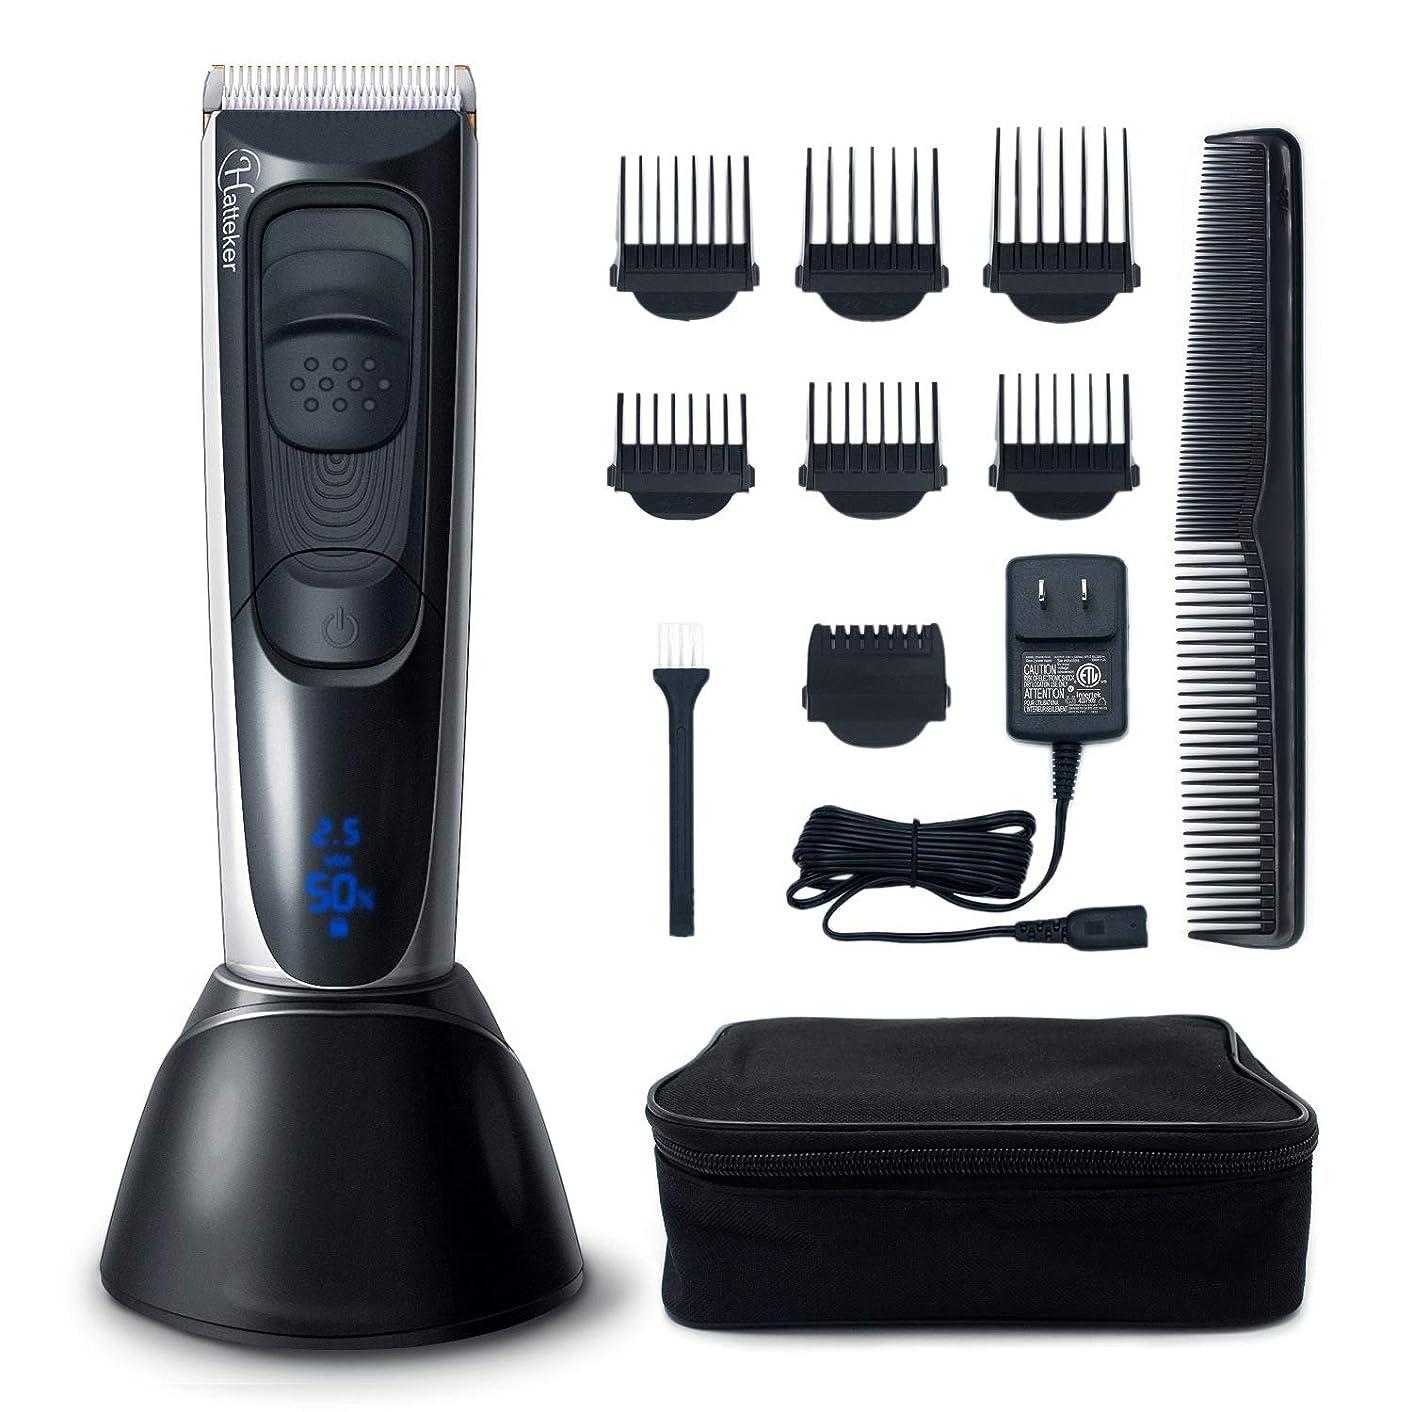 別のティーム収容するバリカン電気男性ヘアトリマー髭トリマーでマルチサイズ微調整ライトledディスプレイ充電式